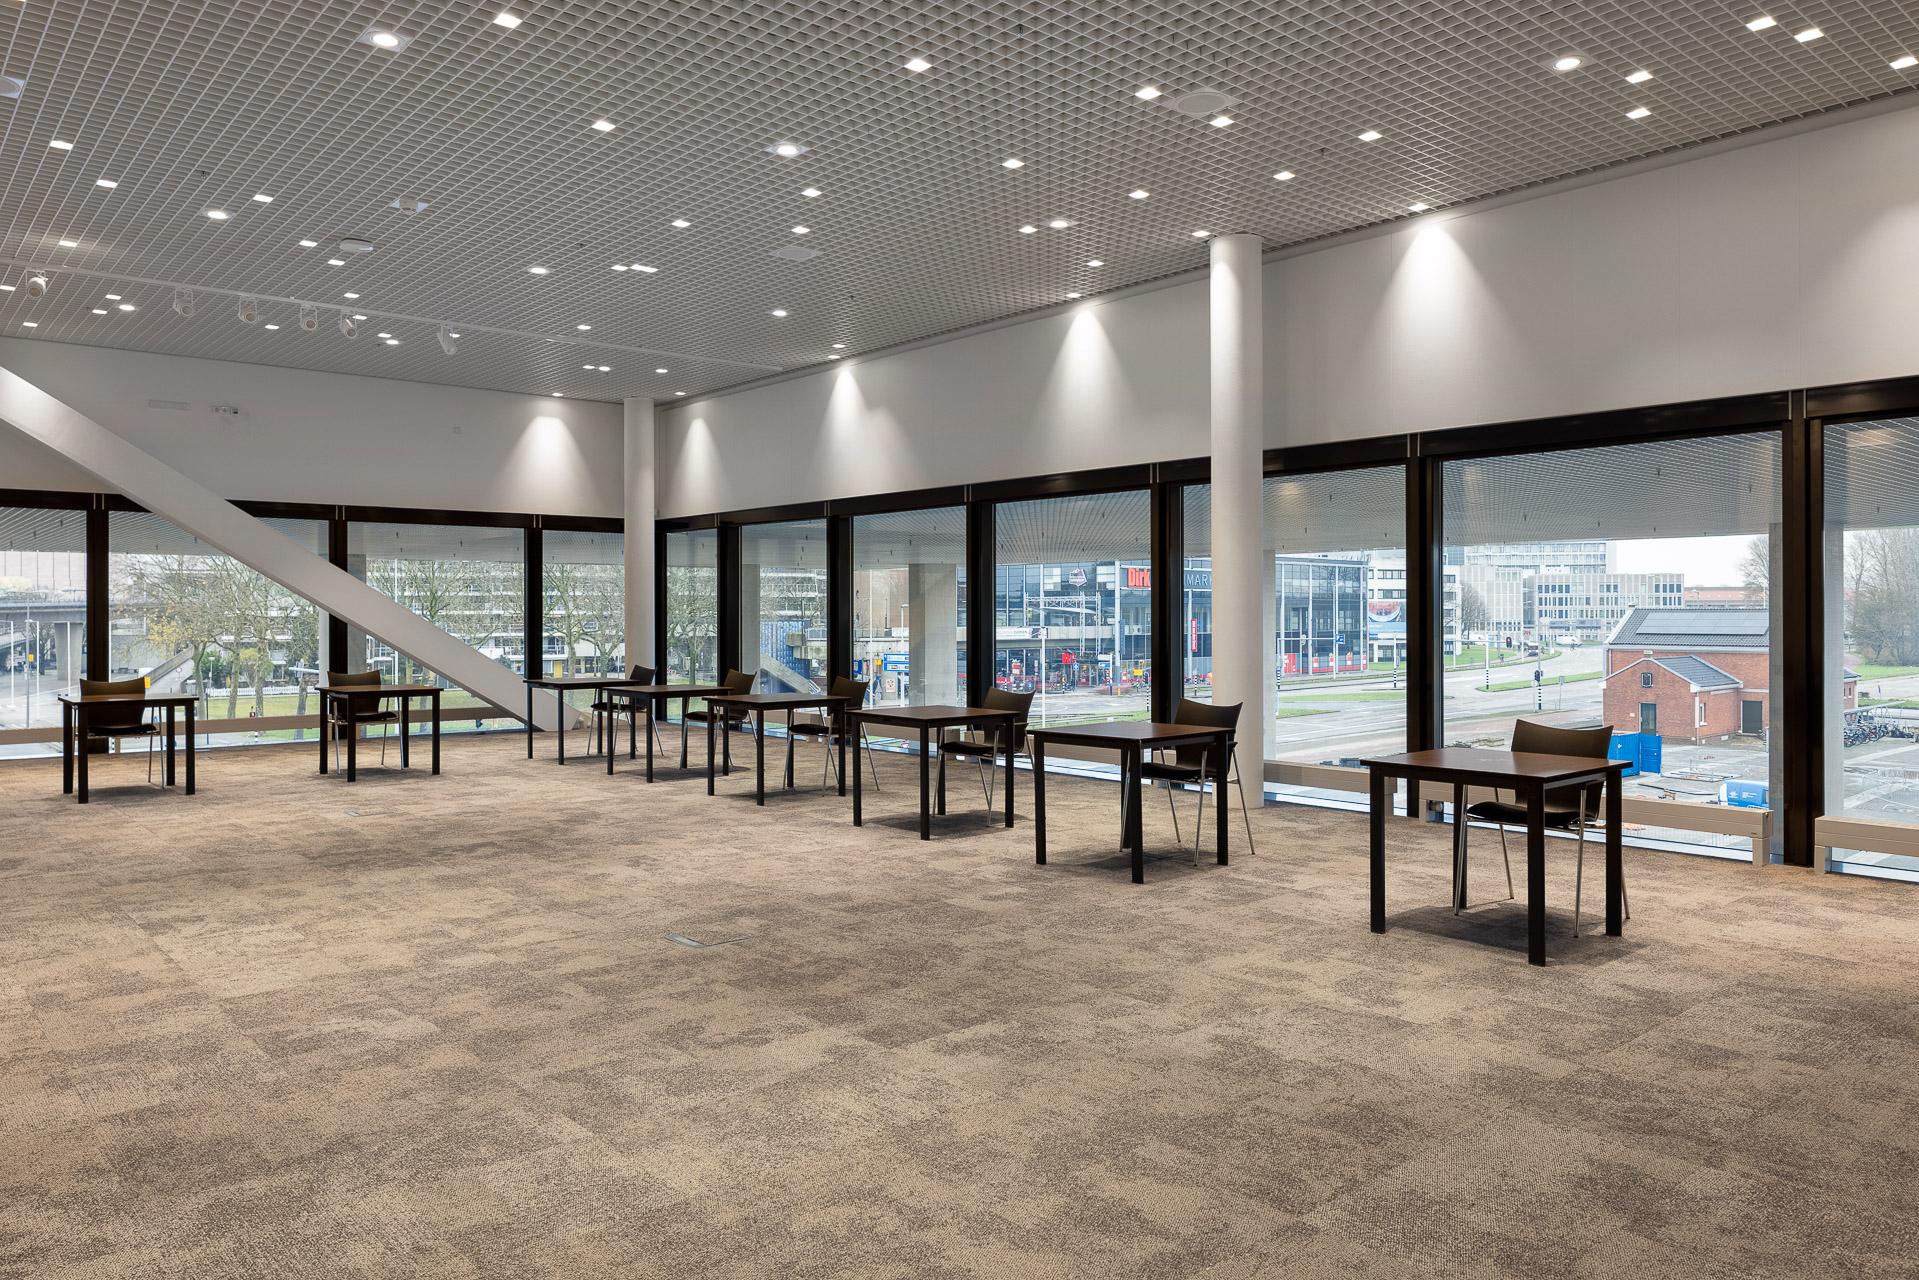 SP2020-Rotterdam-Ahoy-Convention-Centre-Interieur-10-Architectuur-fotografie